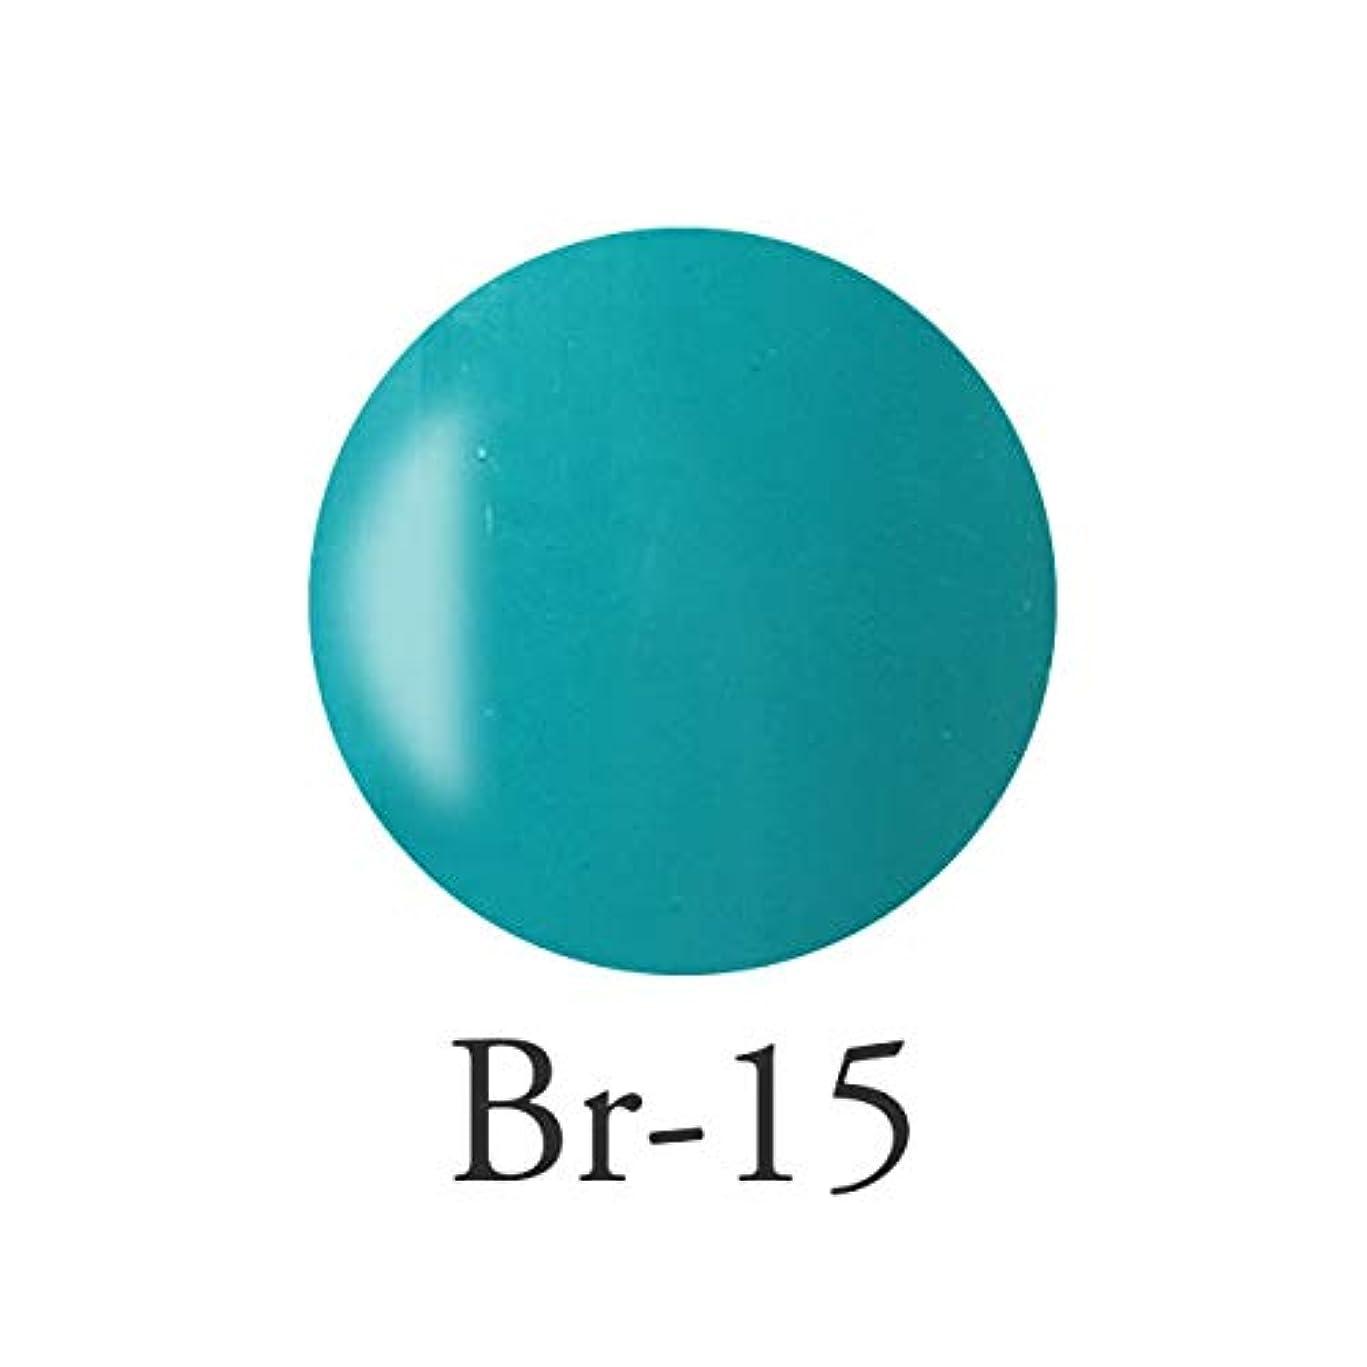 苦しみ一般化する収縮エンジェル クィーンカラージェル ジョエルブルー Br-15 3g